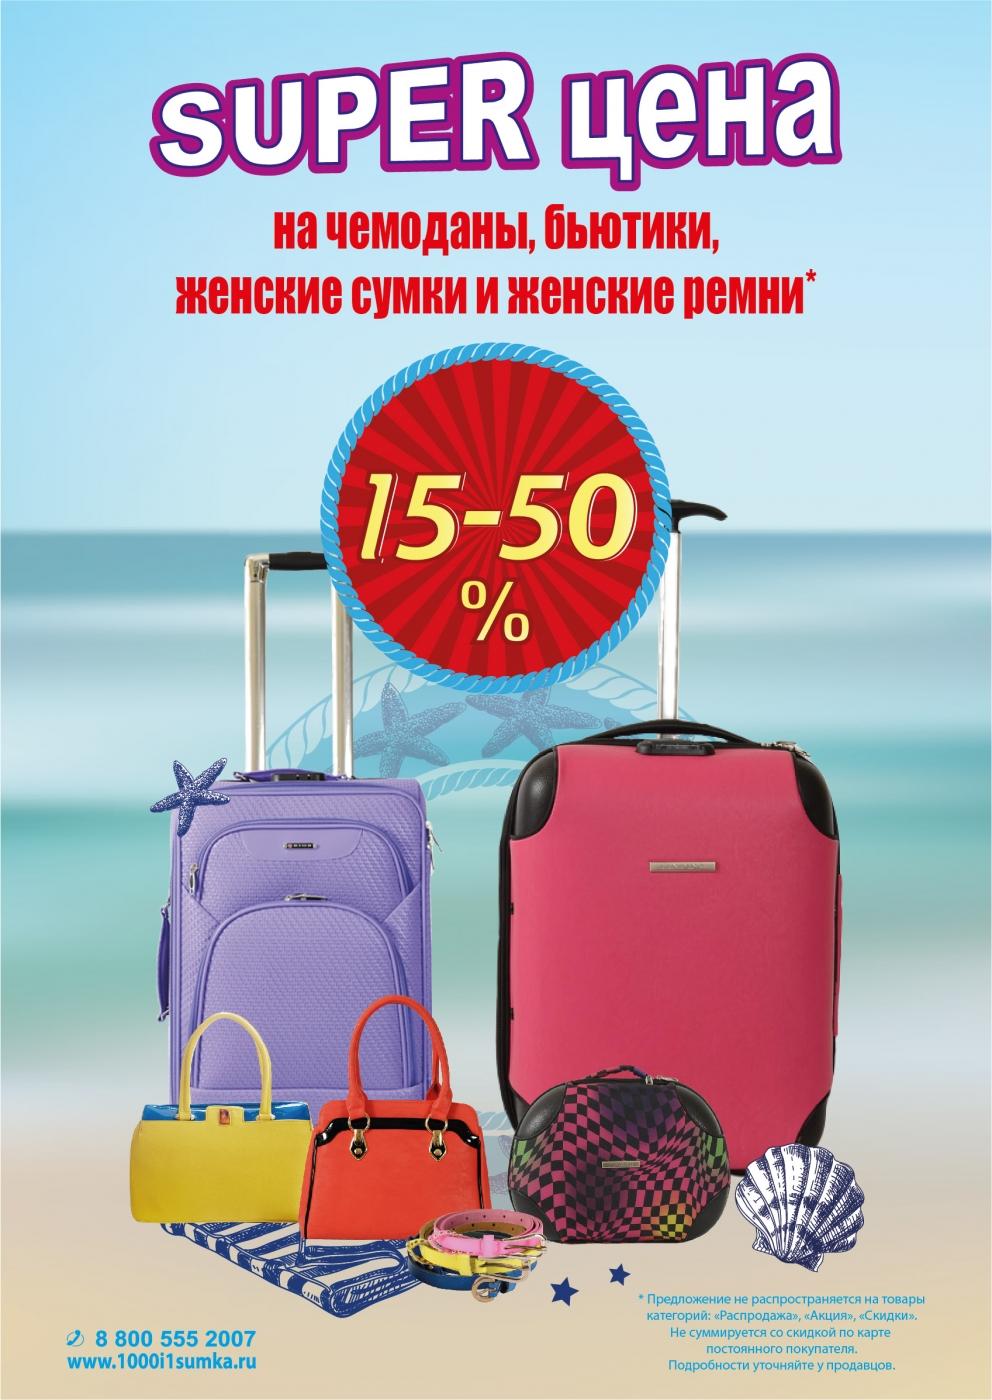 1000 и 1 Сумка - Super-цена на чемоданы, бьютики, женские сумки и женские ремни.